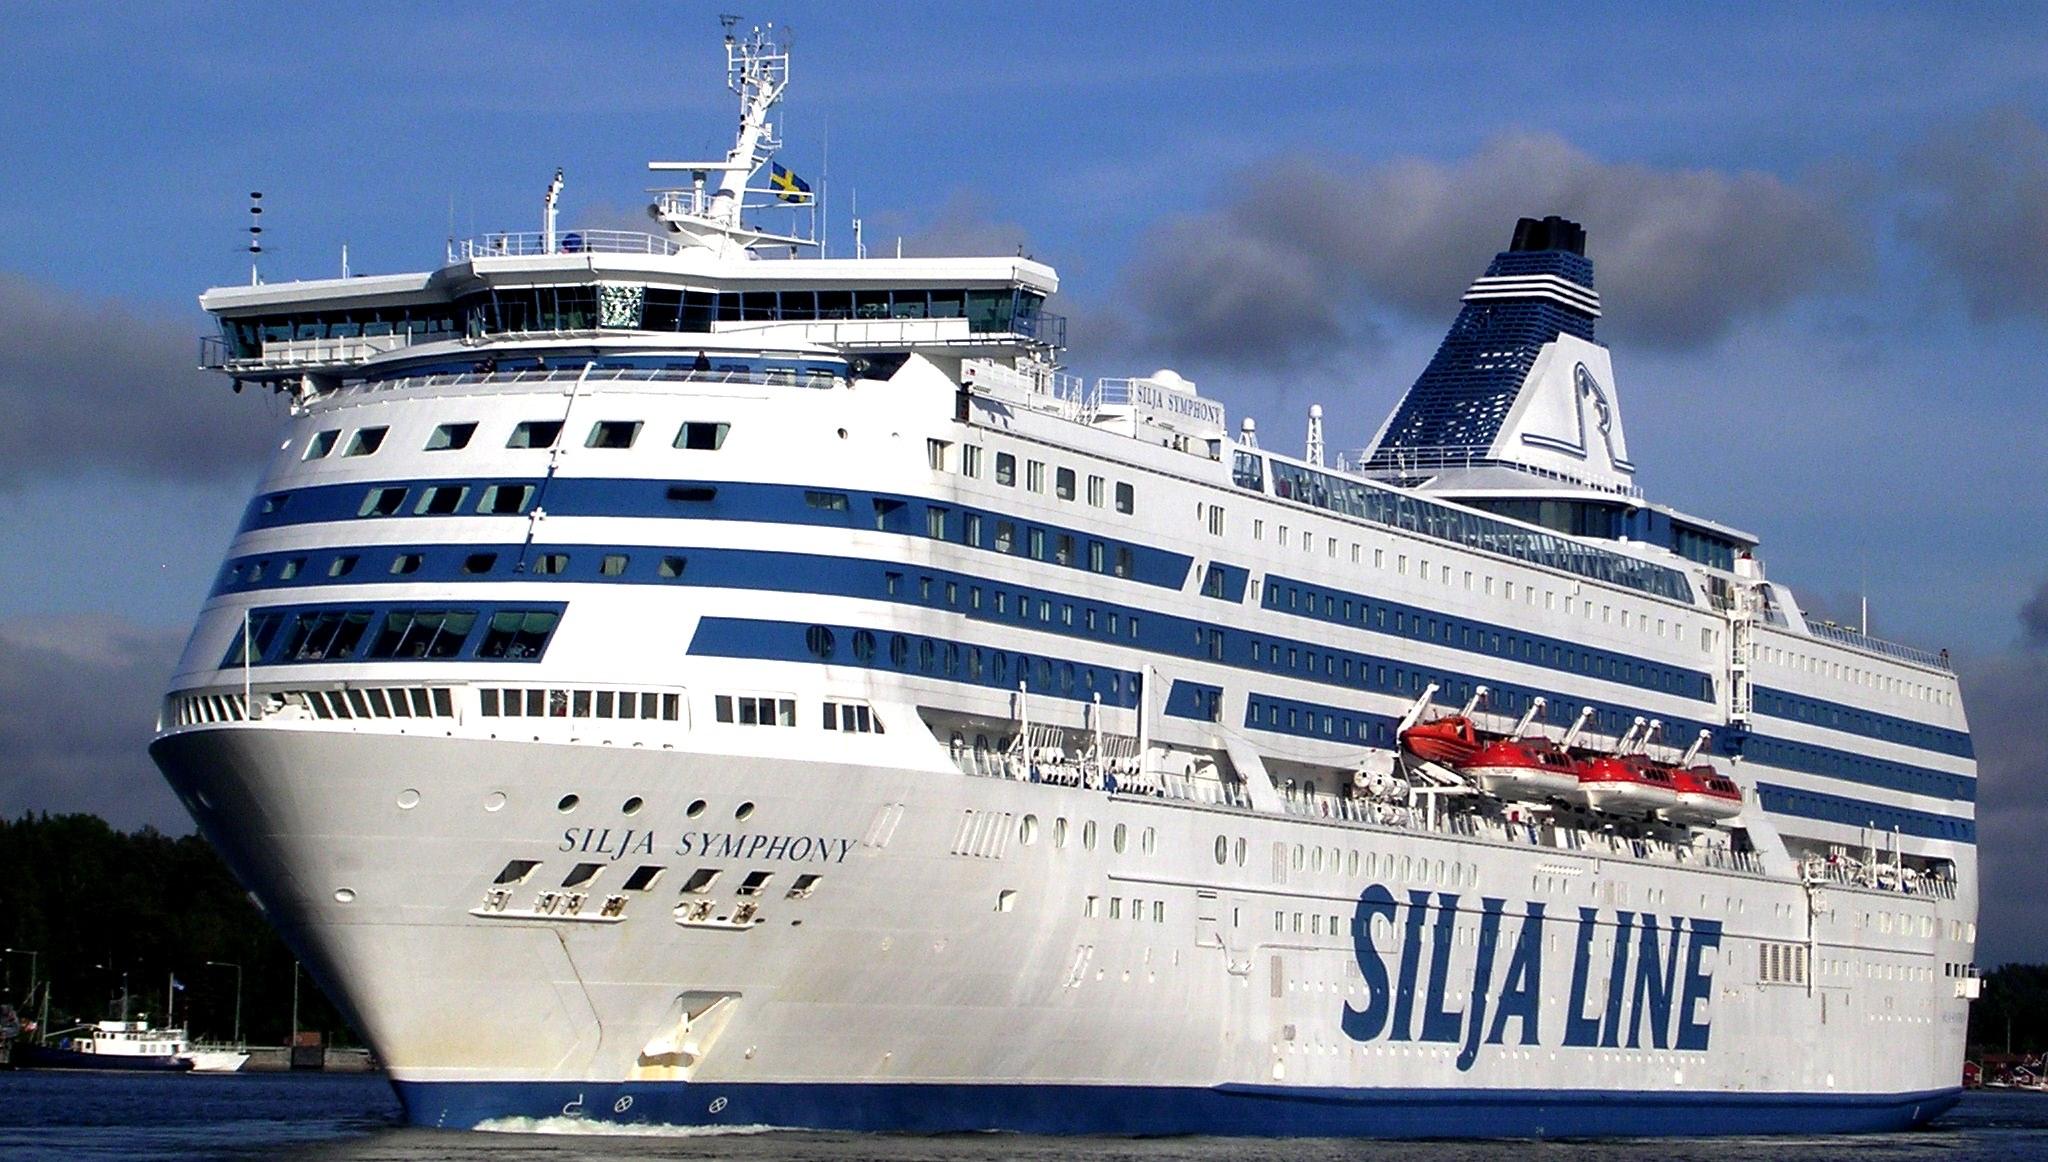 Морское путешествие из Хельсинки в Стокгольм на пароме Silja Symphony